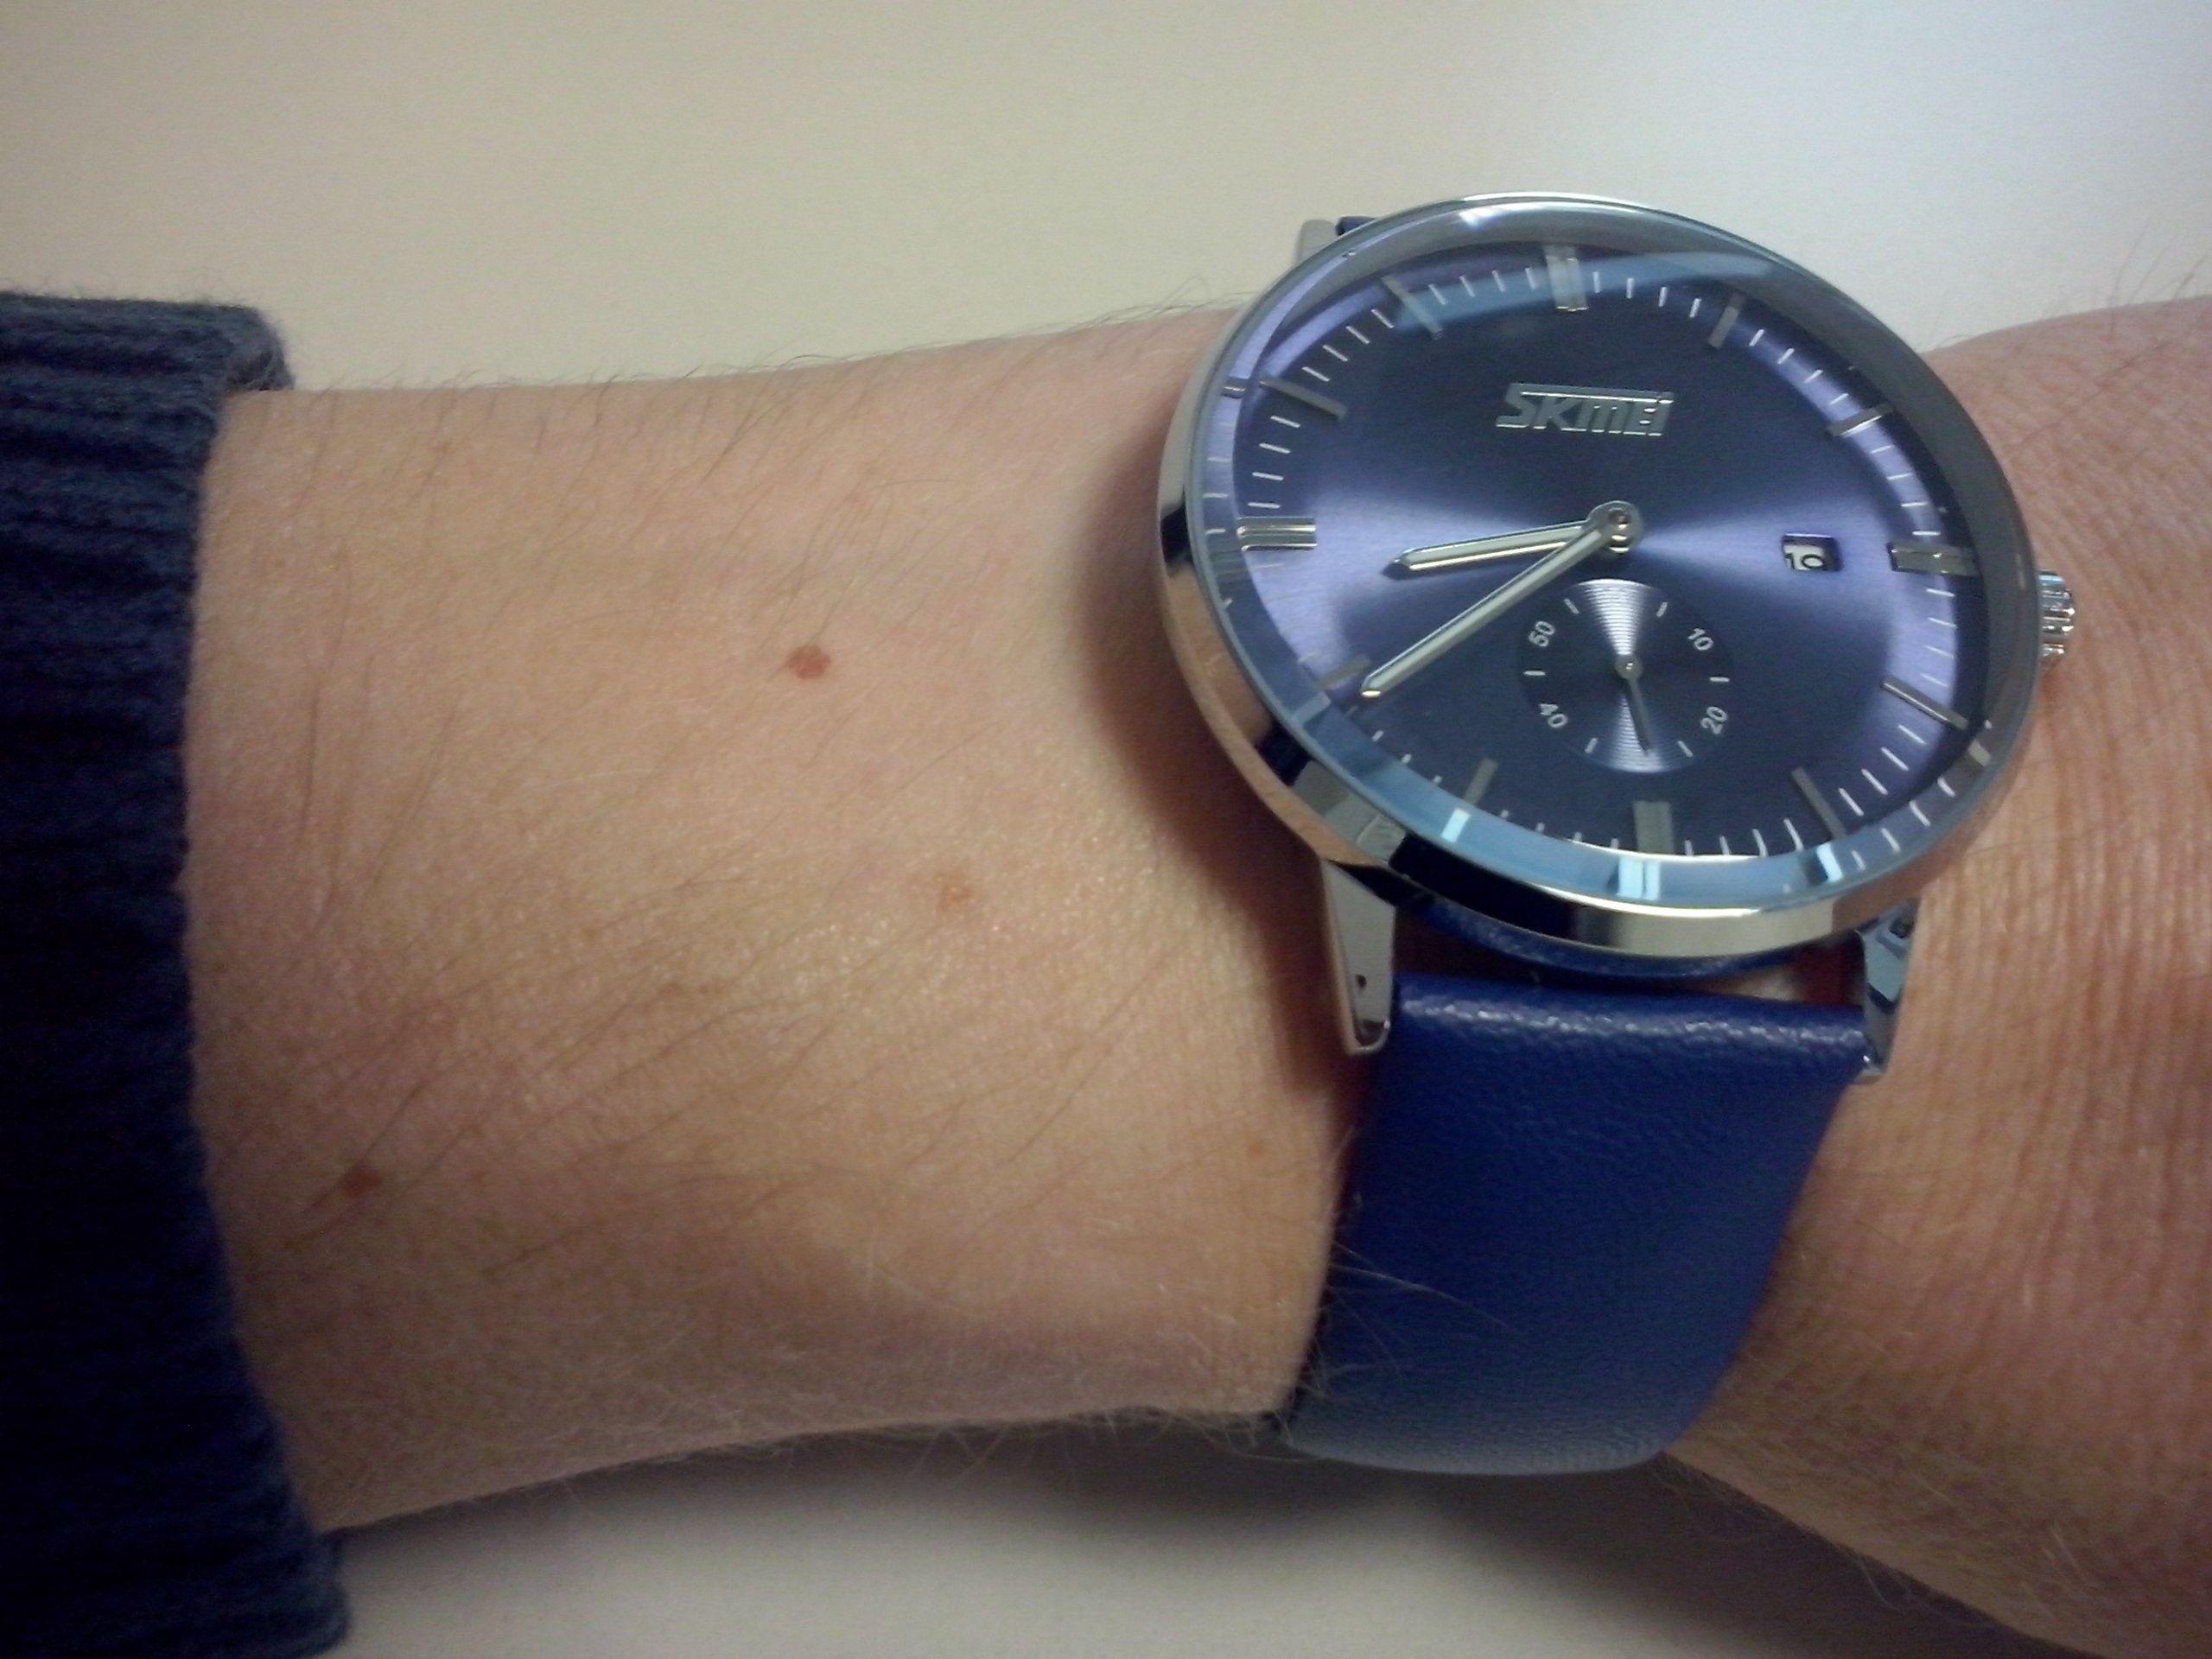 Horloge Om plaats horloge om de pols afhankelijk van je polsdikte? - algemene